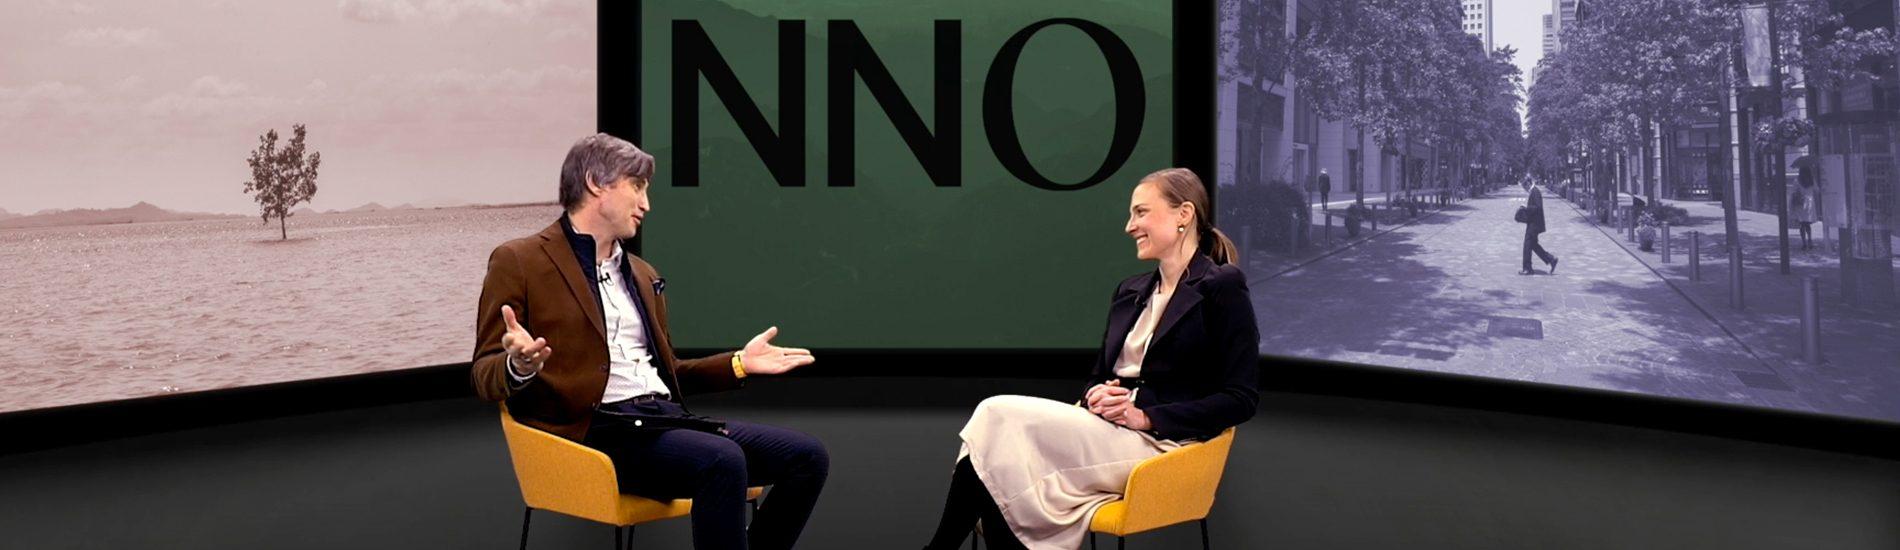 Greenwashing – rozmowa z Kamilą Drzewicką, ClientEarth Prawnicy dla Ziemi